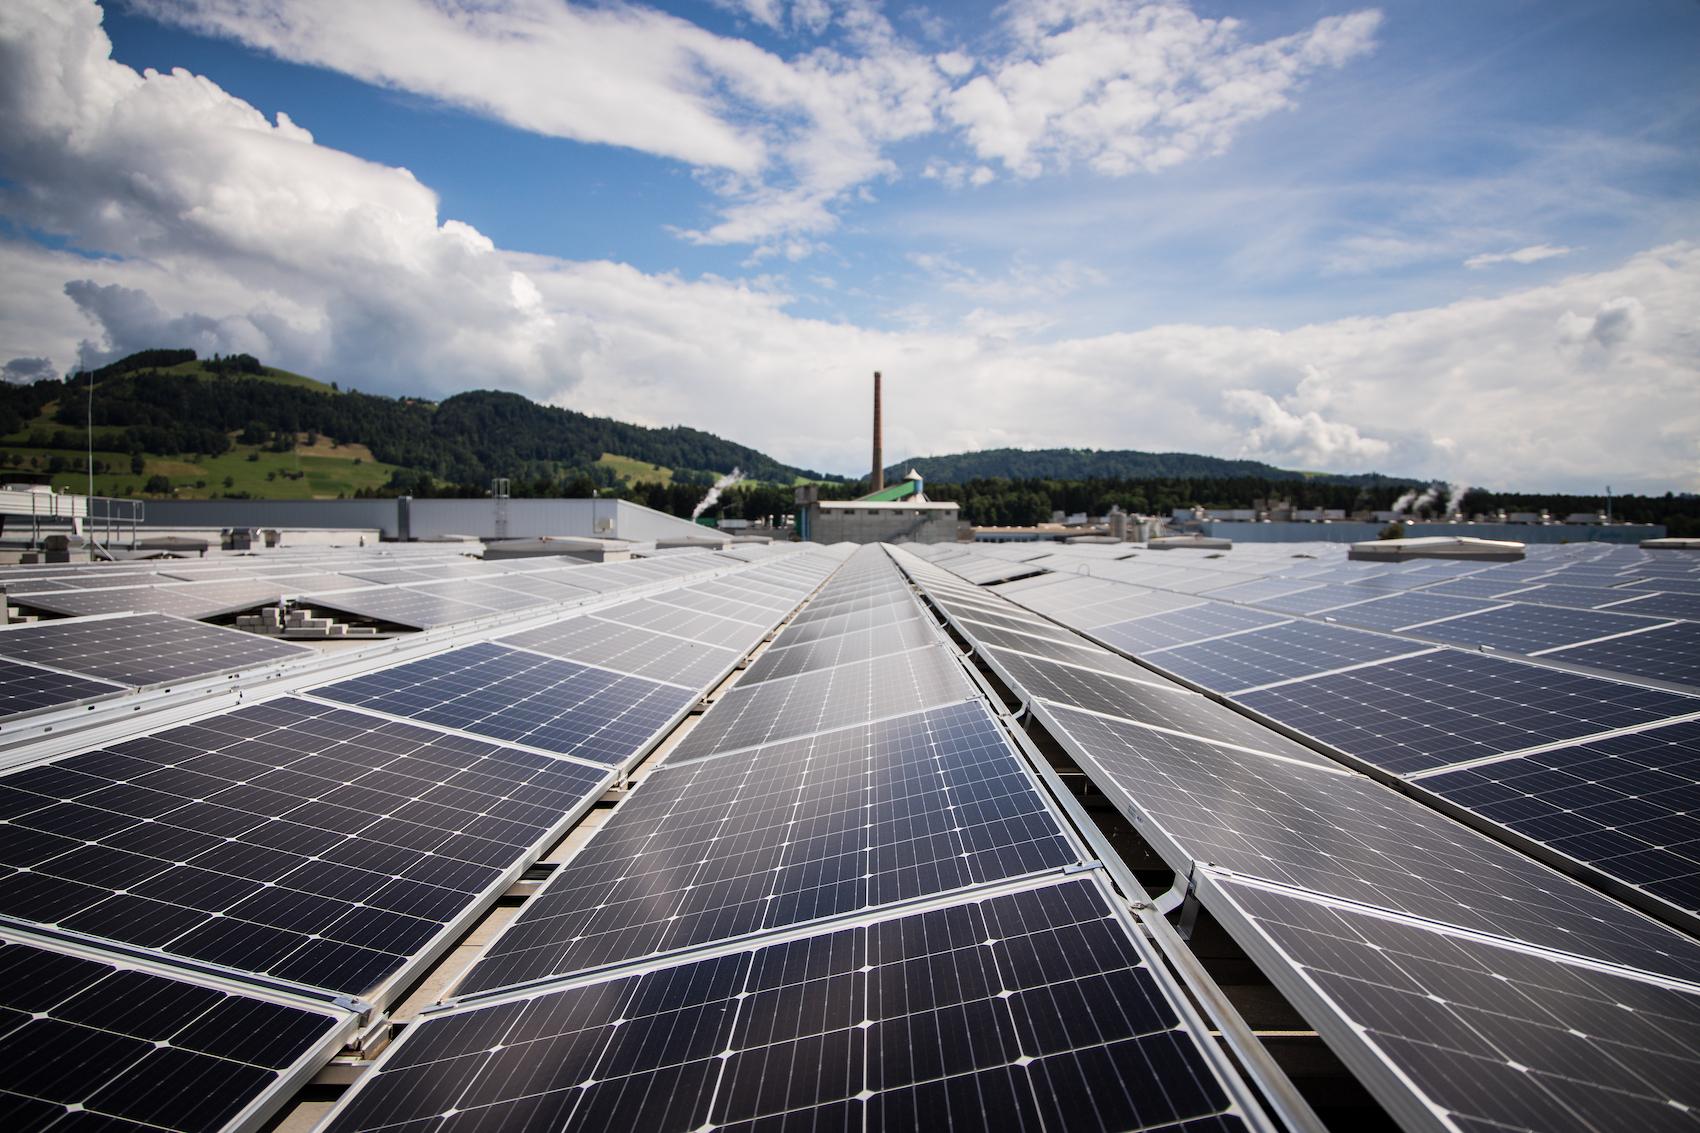 L'installation est rentable également d'un point de vue financier: les coûts de production de l'électricité sont inférieurs à 10 centimes par kWh.